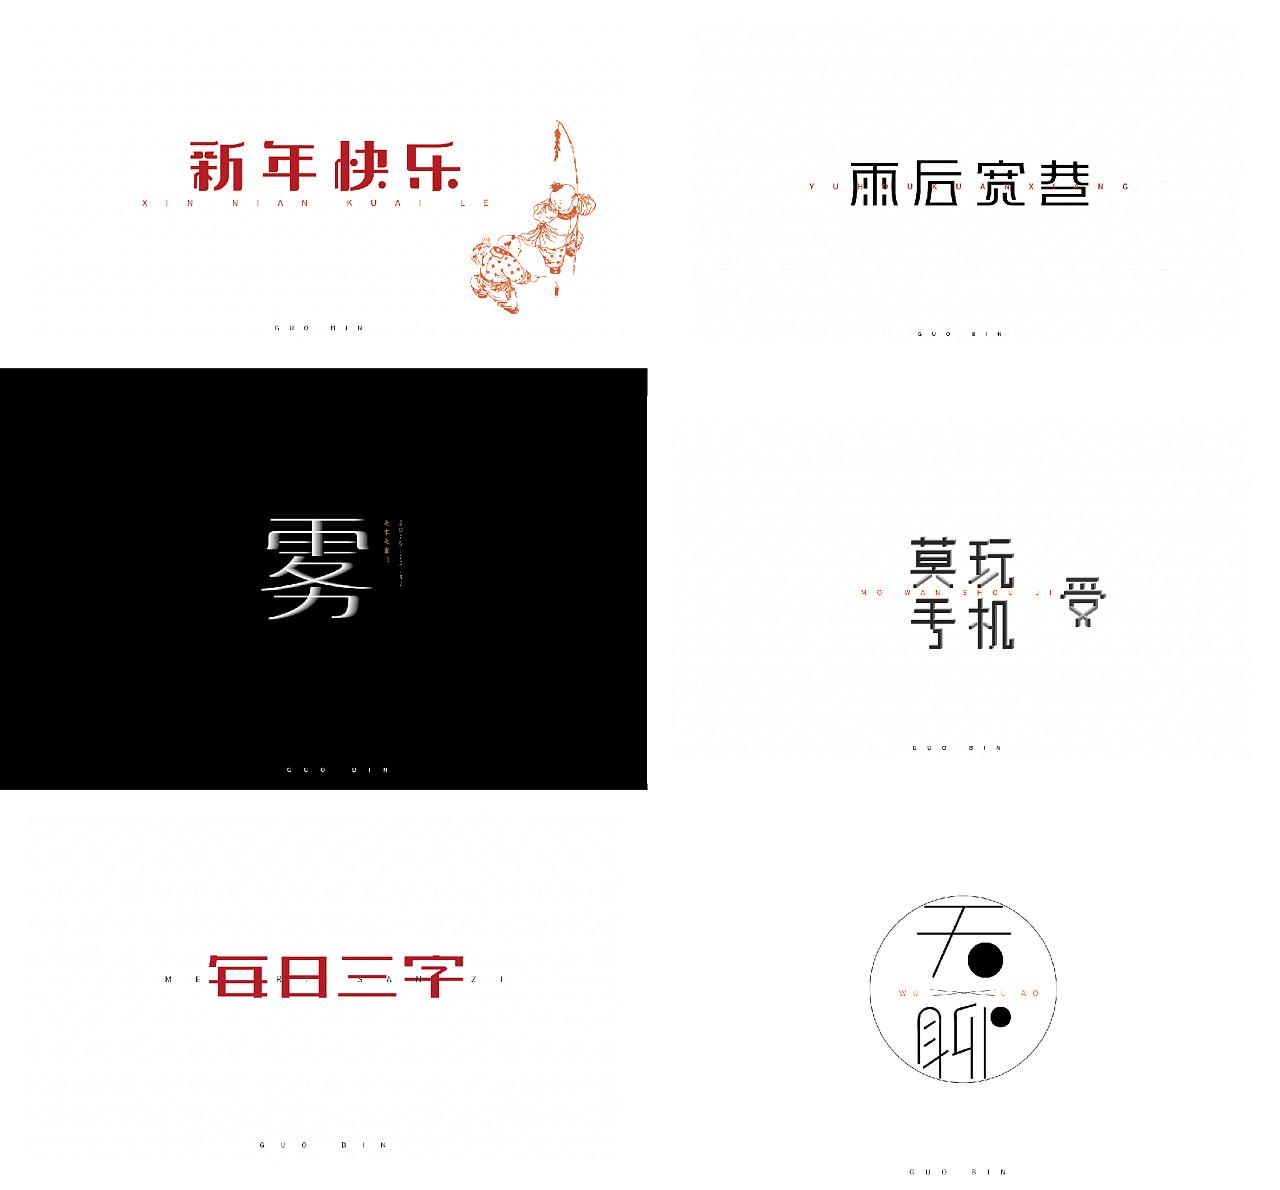 三个字图片-三个字模板-三个字设计素材-图怪兽